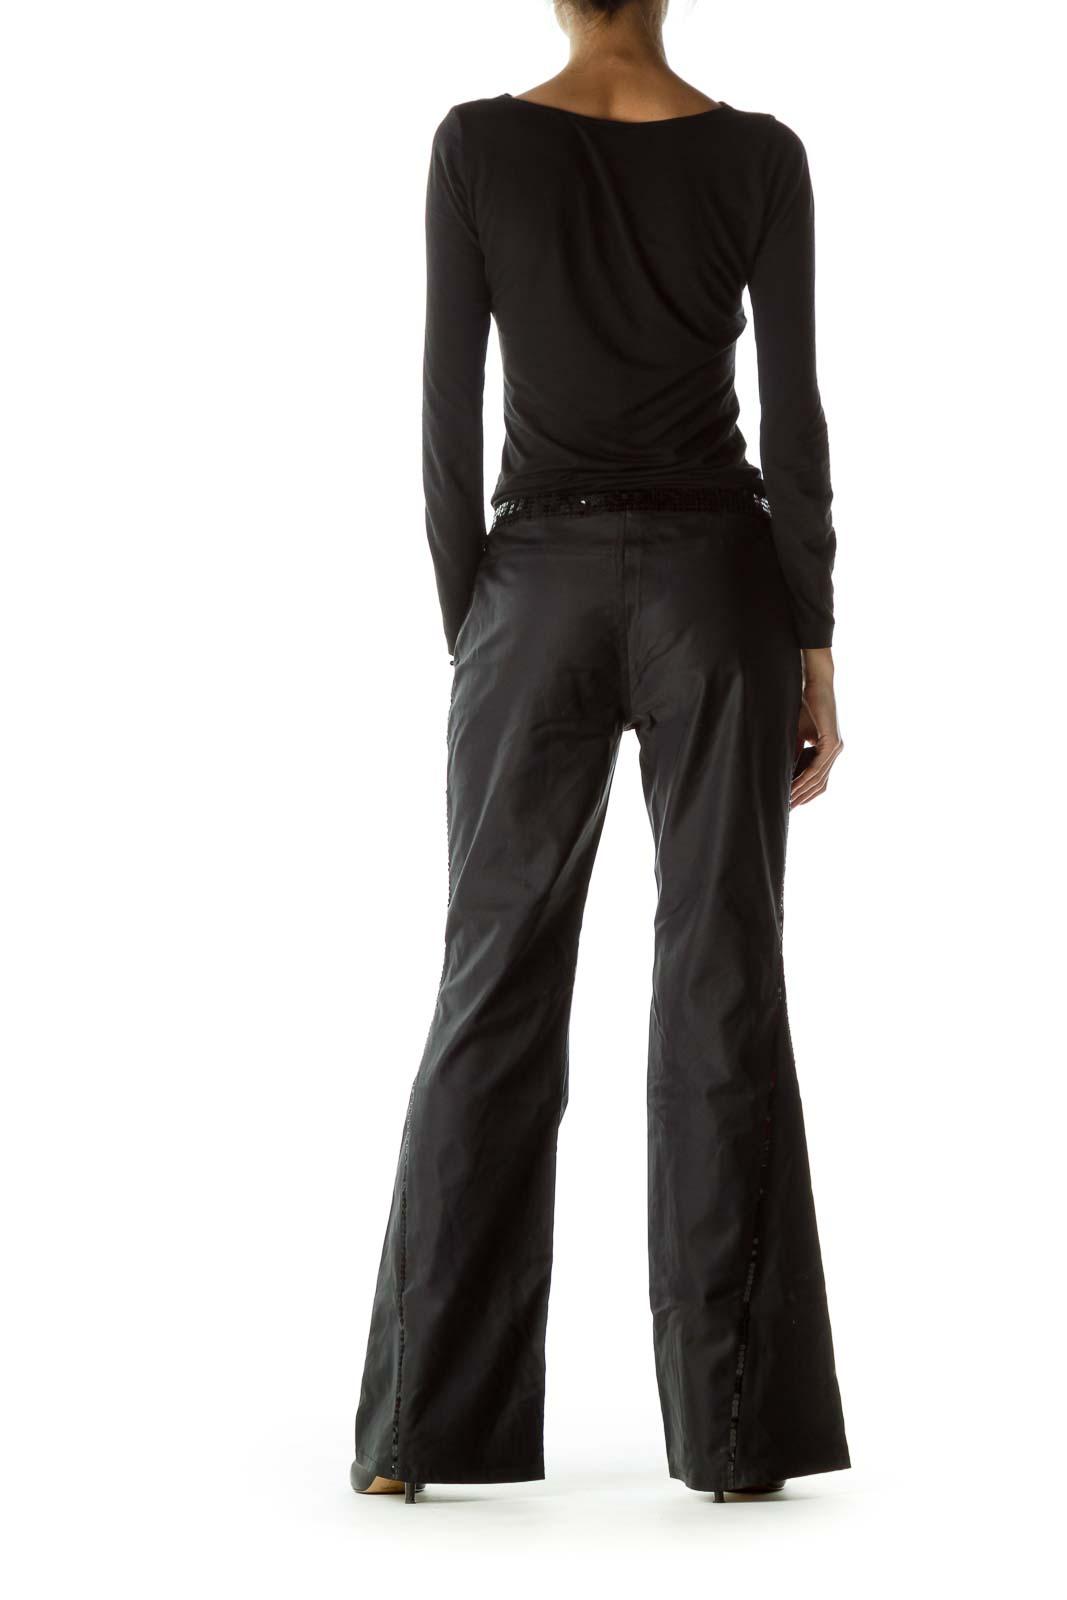 Black Sequin Detail Wide Leg Pants